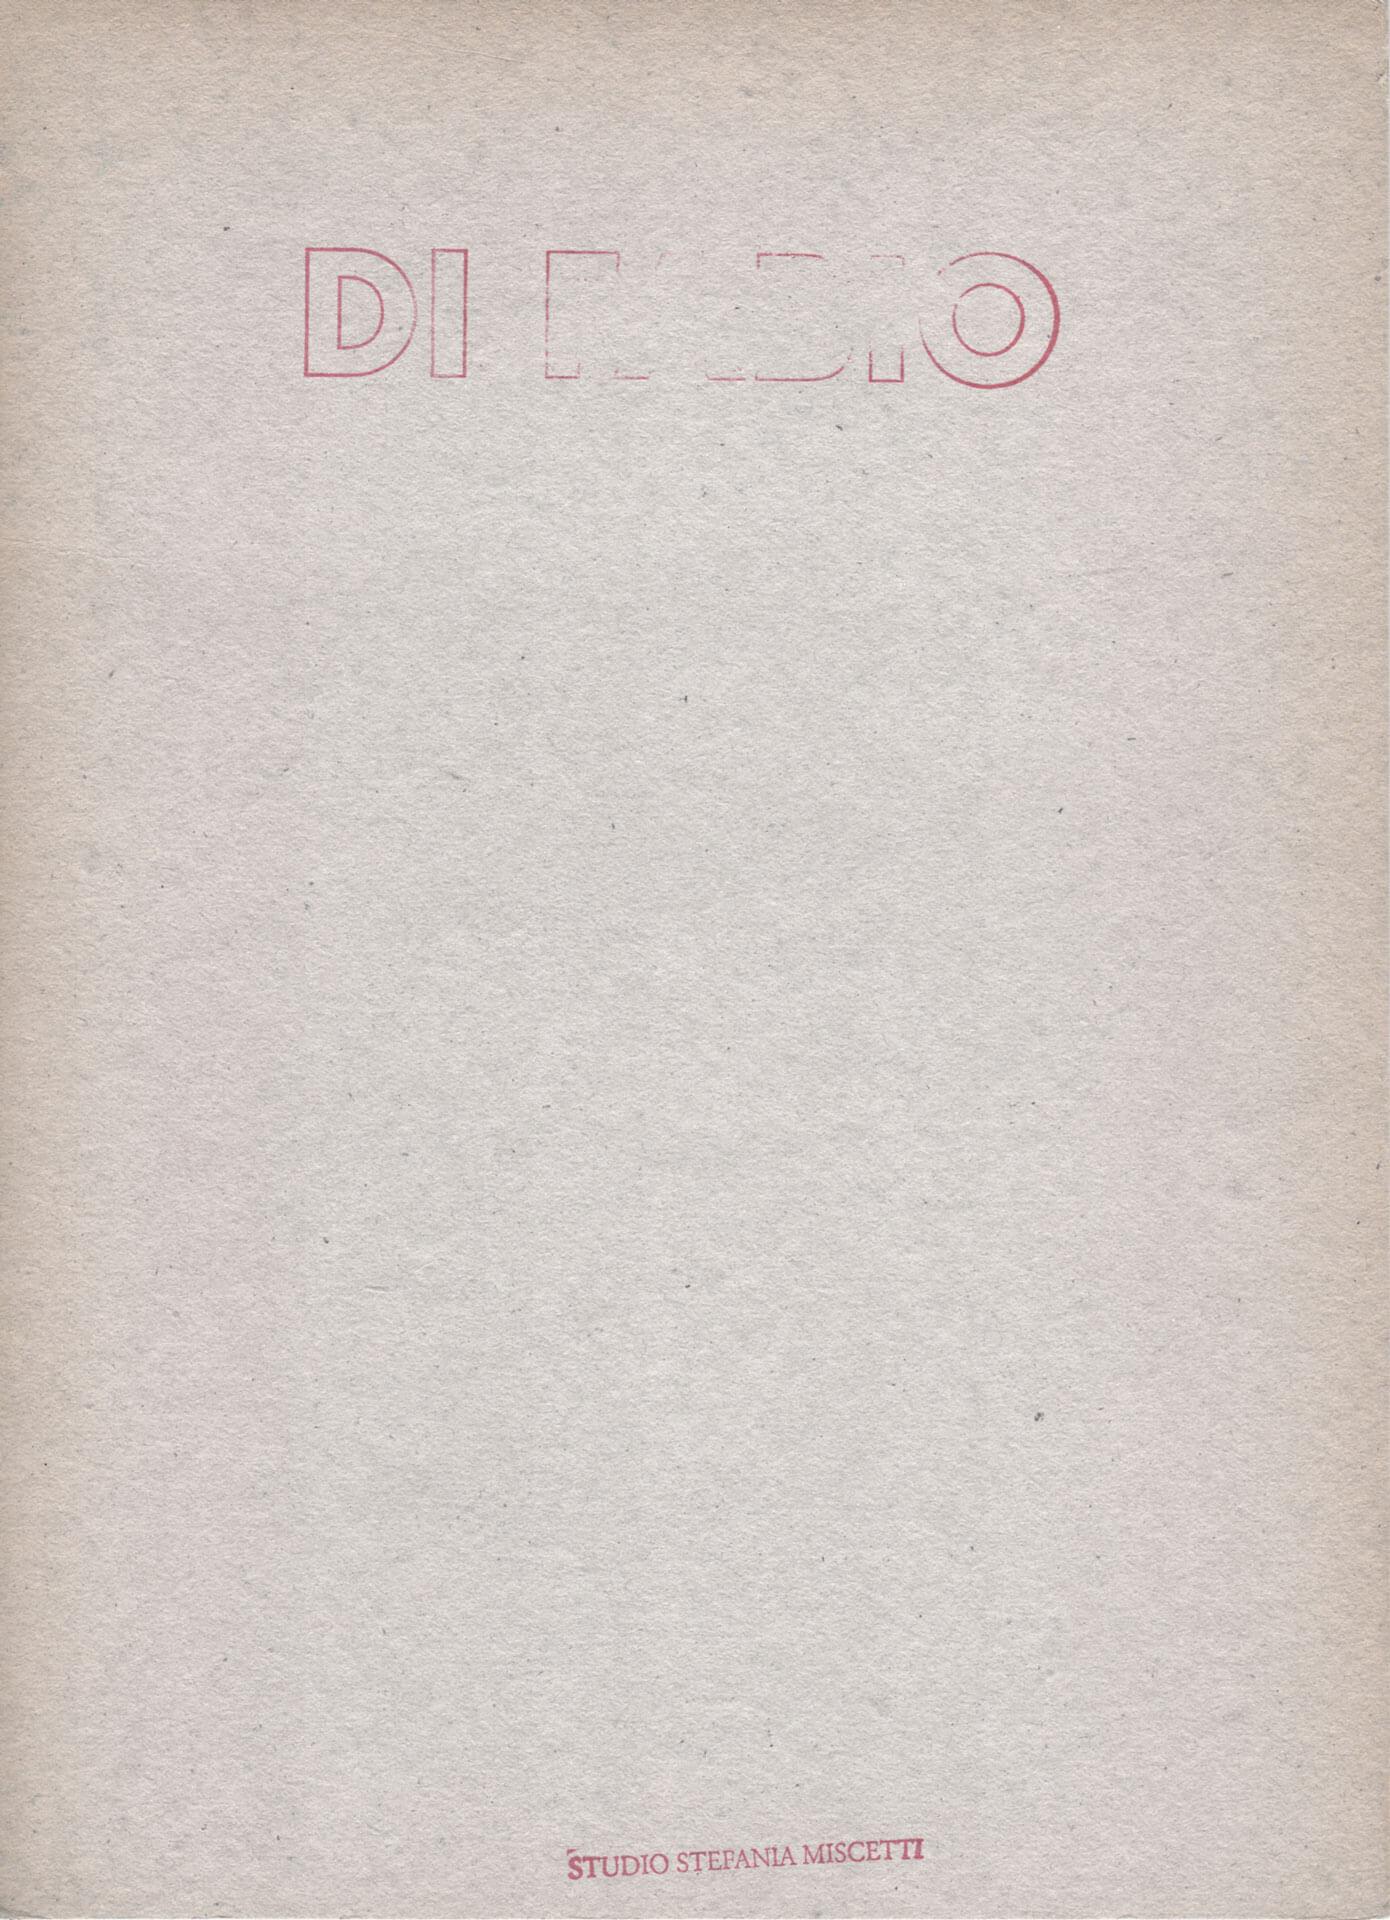 Studio Stefania Miscetti | Catalogues | Alberto Di Fabio | Il profilo insonne della terra